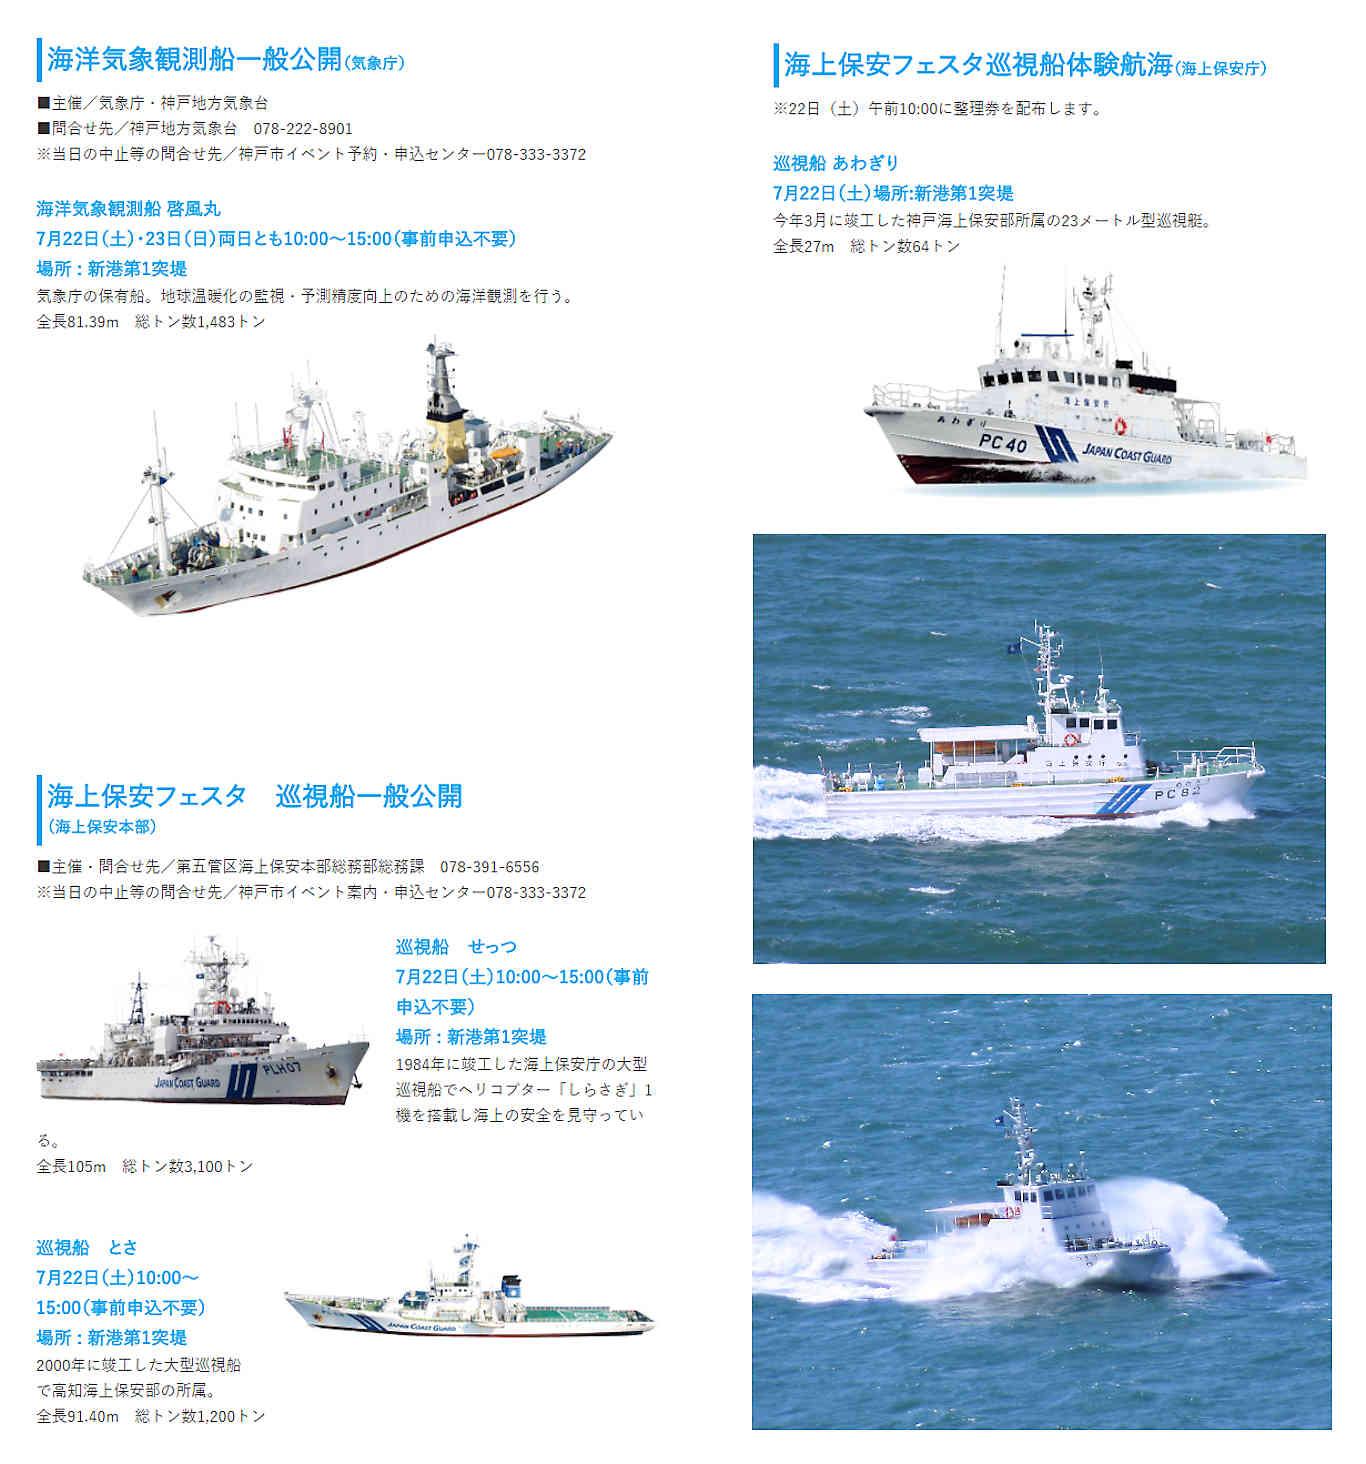 海上保安フェスタ 巡視船の一般公開と巡視船の体験航海